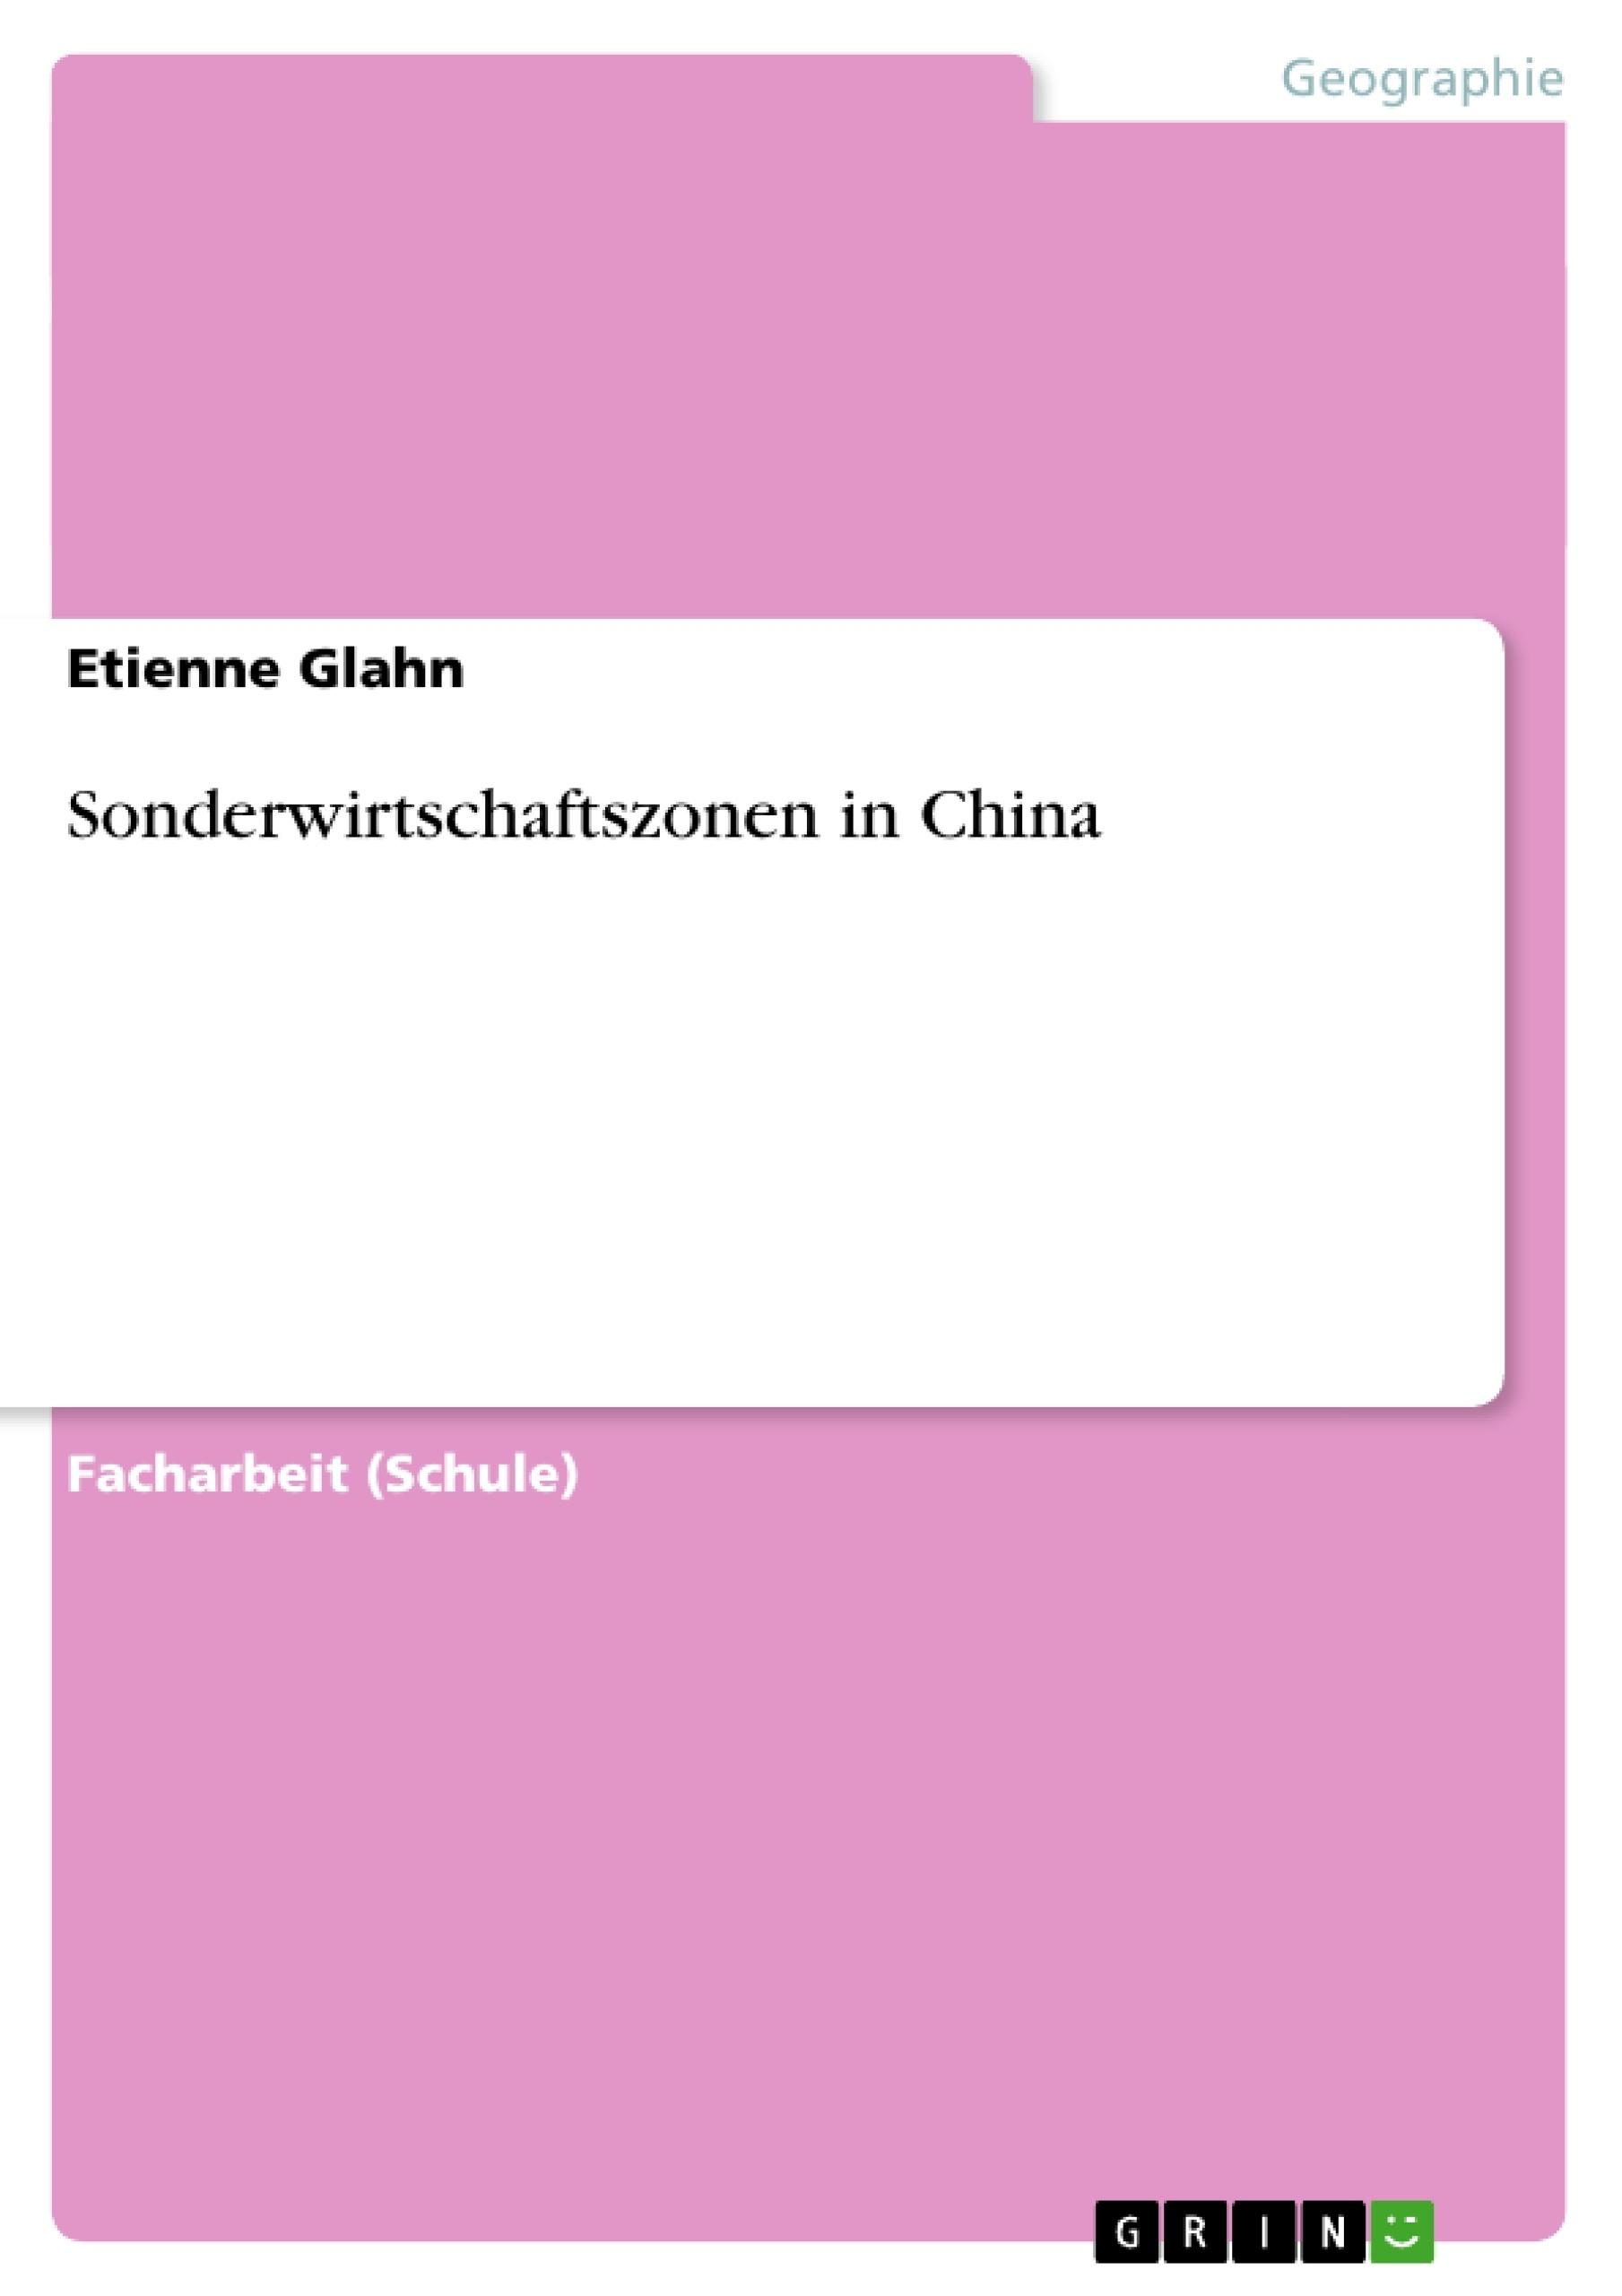 Titel: Sonderwirtschaftszonen in China